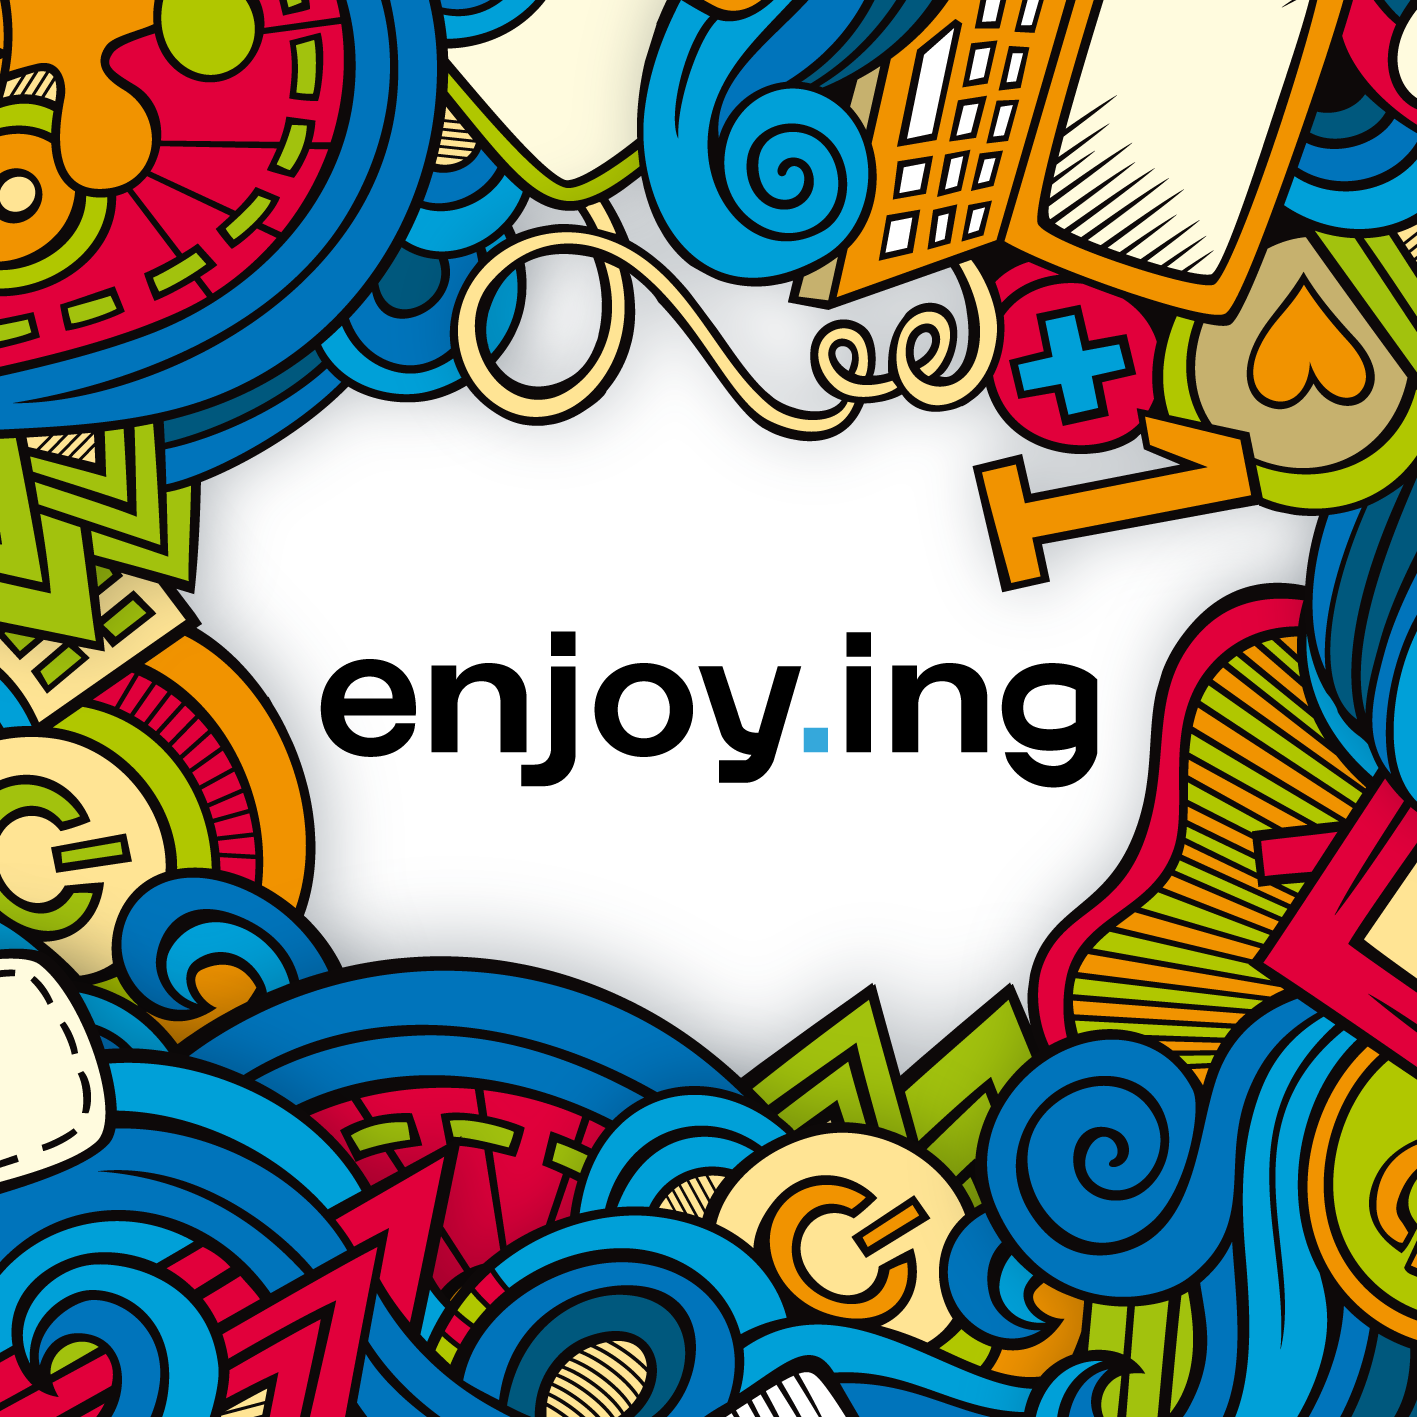 enjoy.ing software engineering d.o.o.-logo